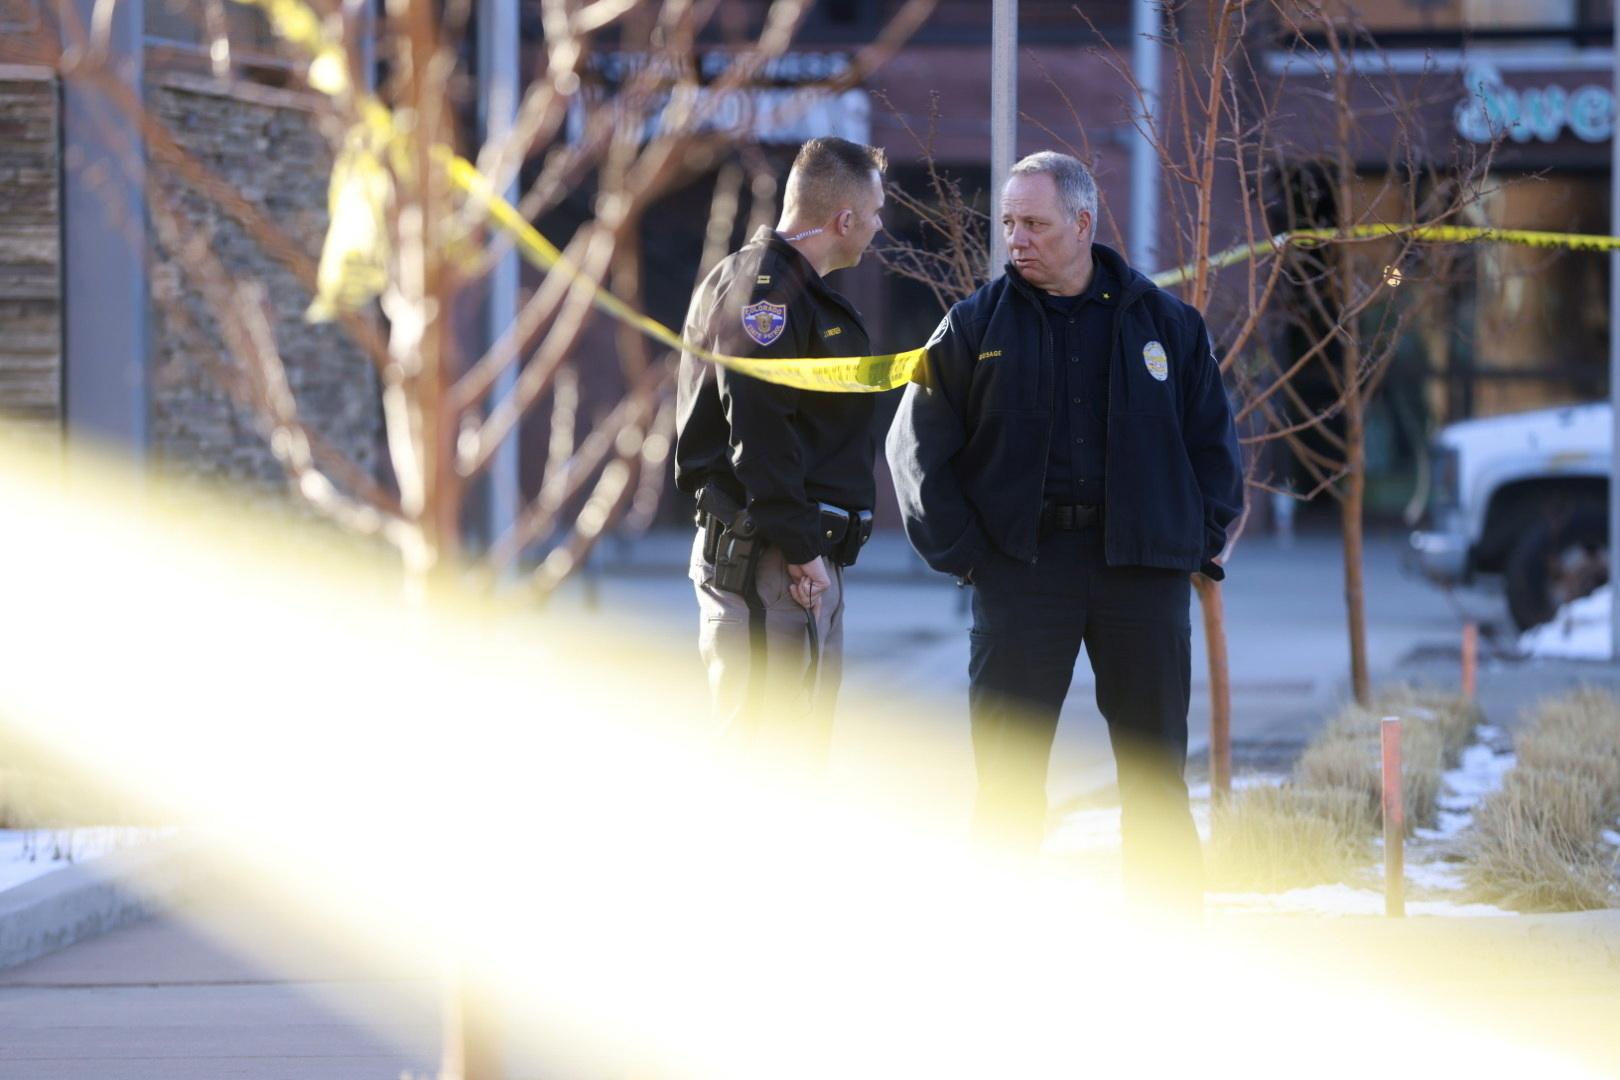 تكساس.. إصابة 6 أشخاص بتبادل لإطلاق النار على طريق سريع